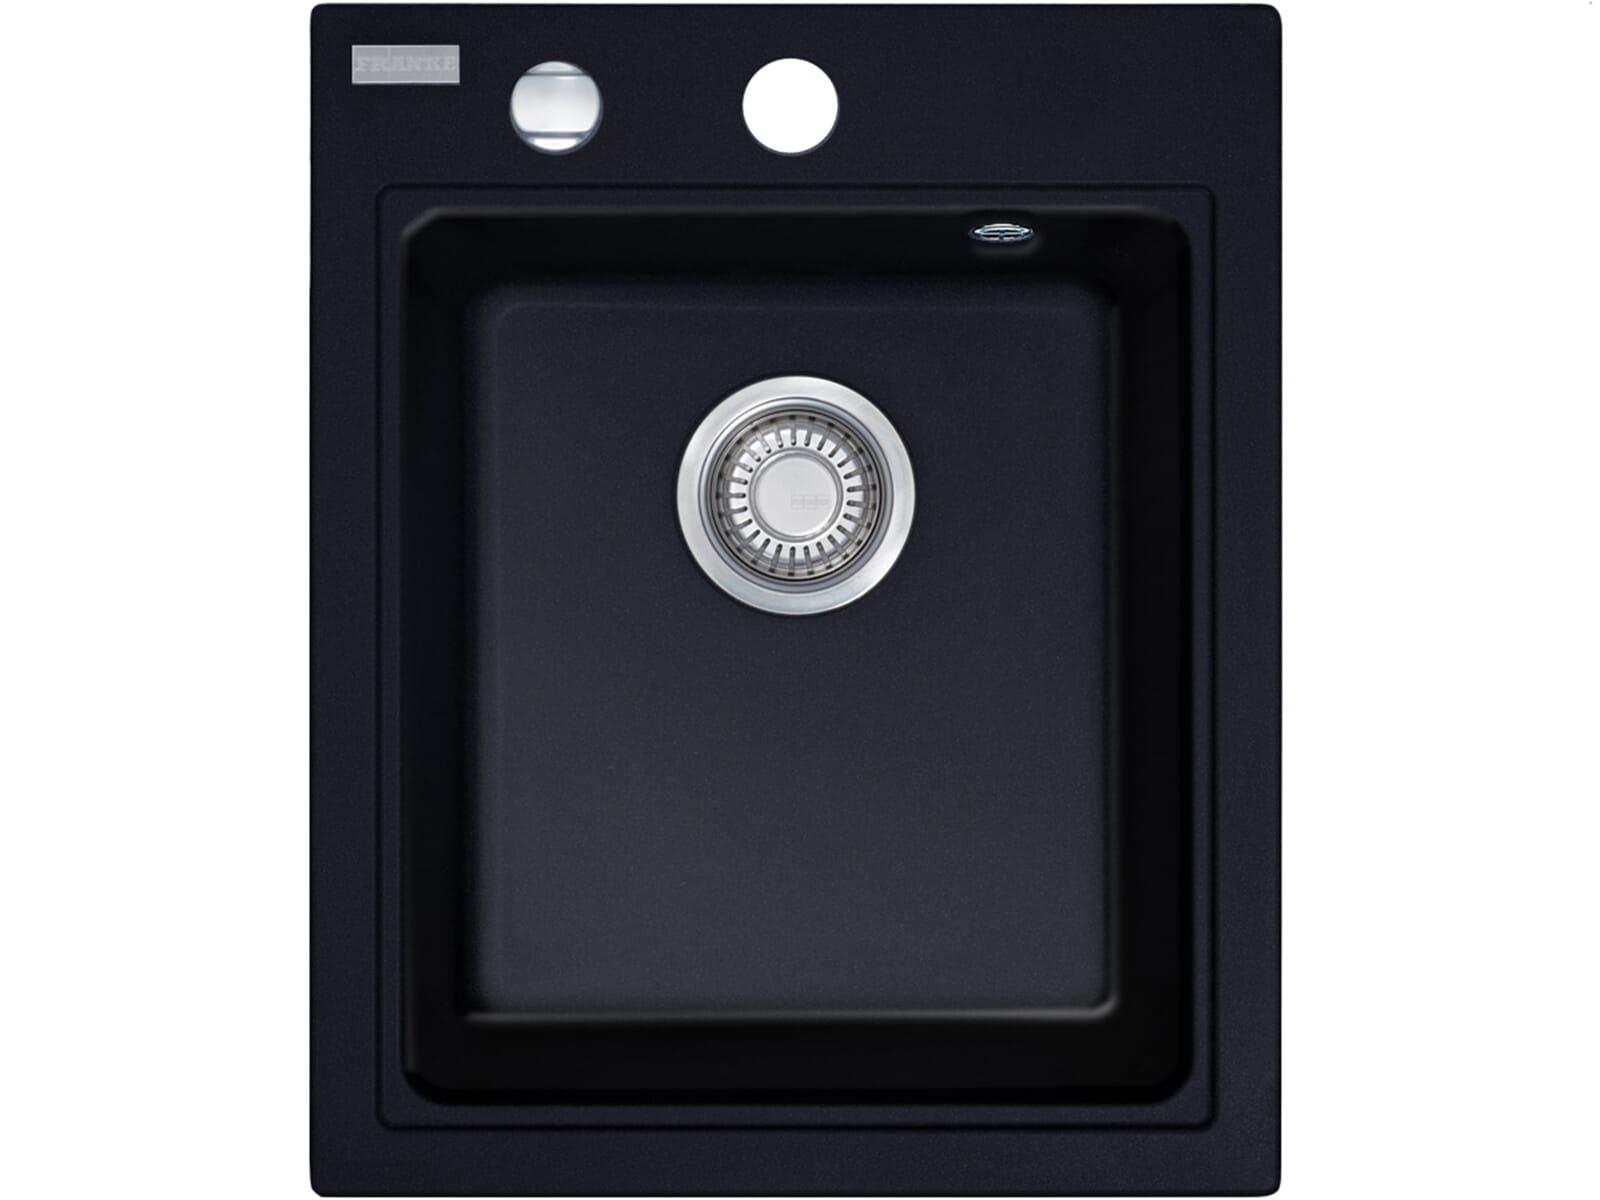 Outdoorküche Mit Spüle Reparieren : Hornbach küchenspüle schön arbeitsplatte küche ecke schneiden